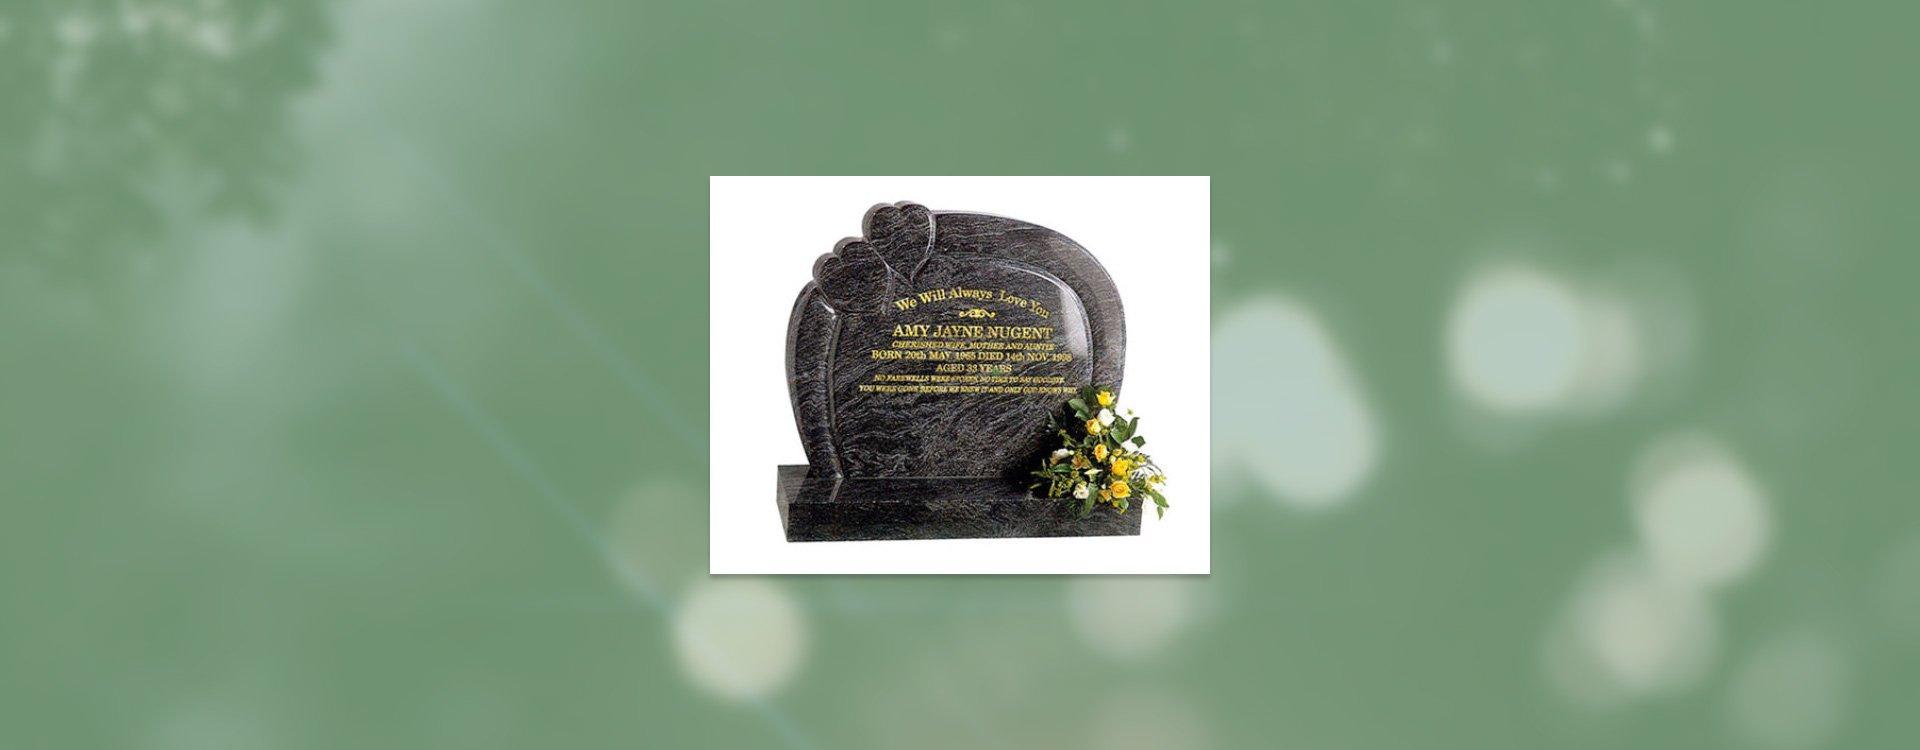 tomb stone design